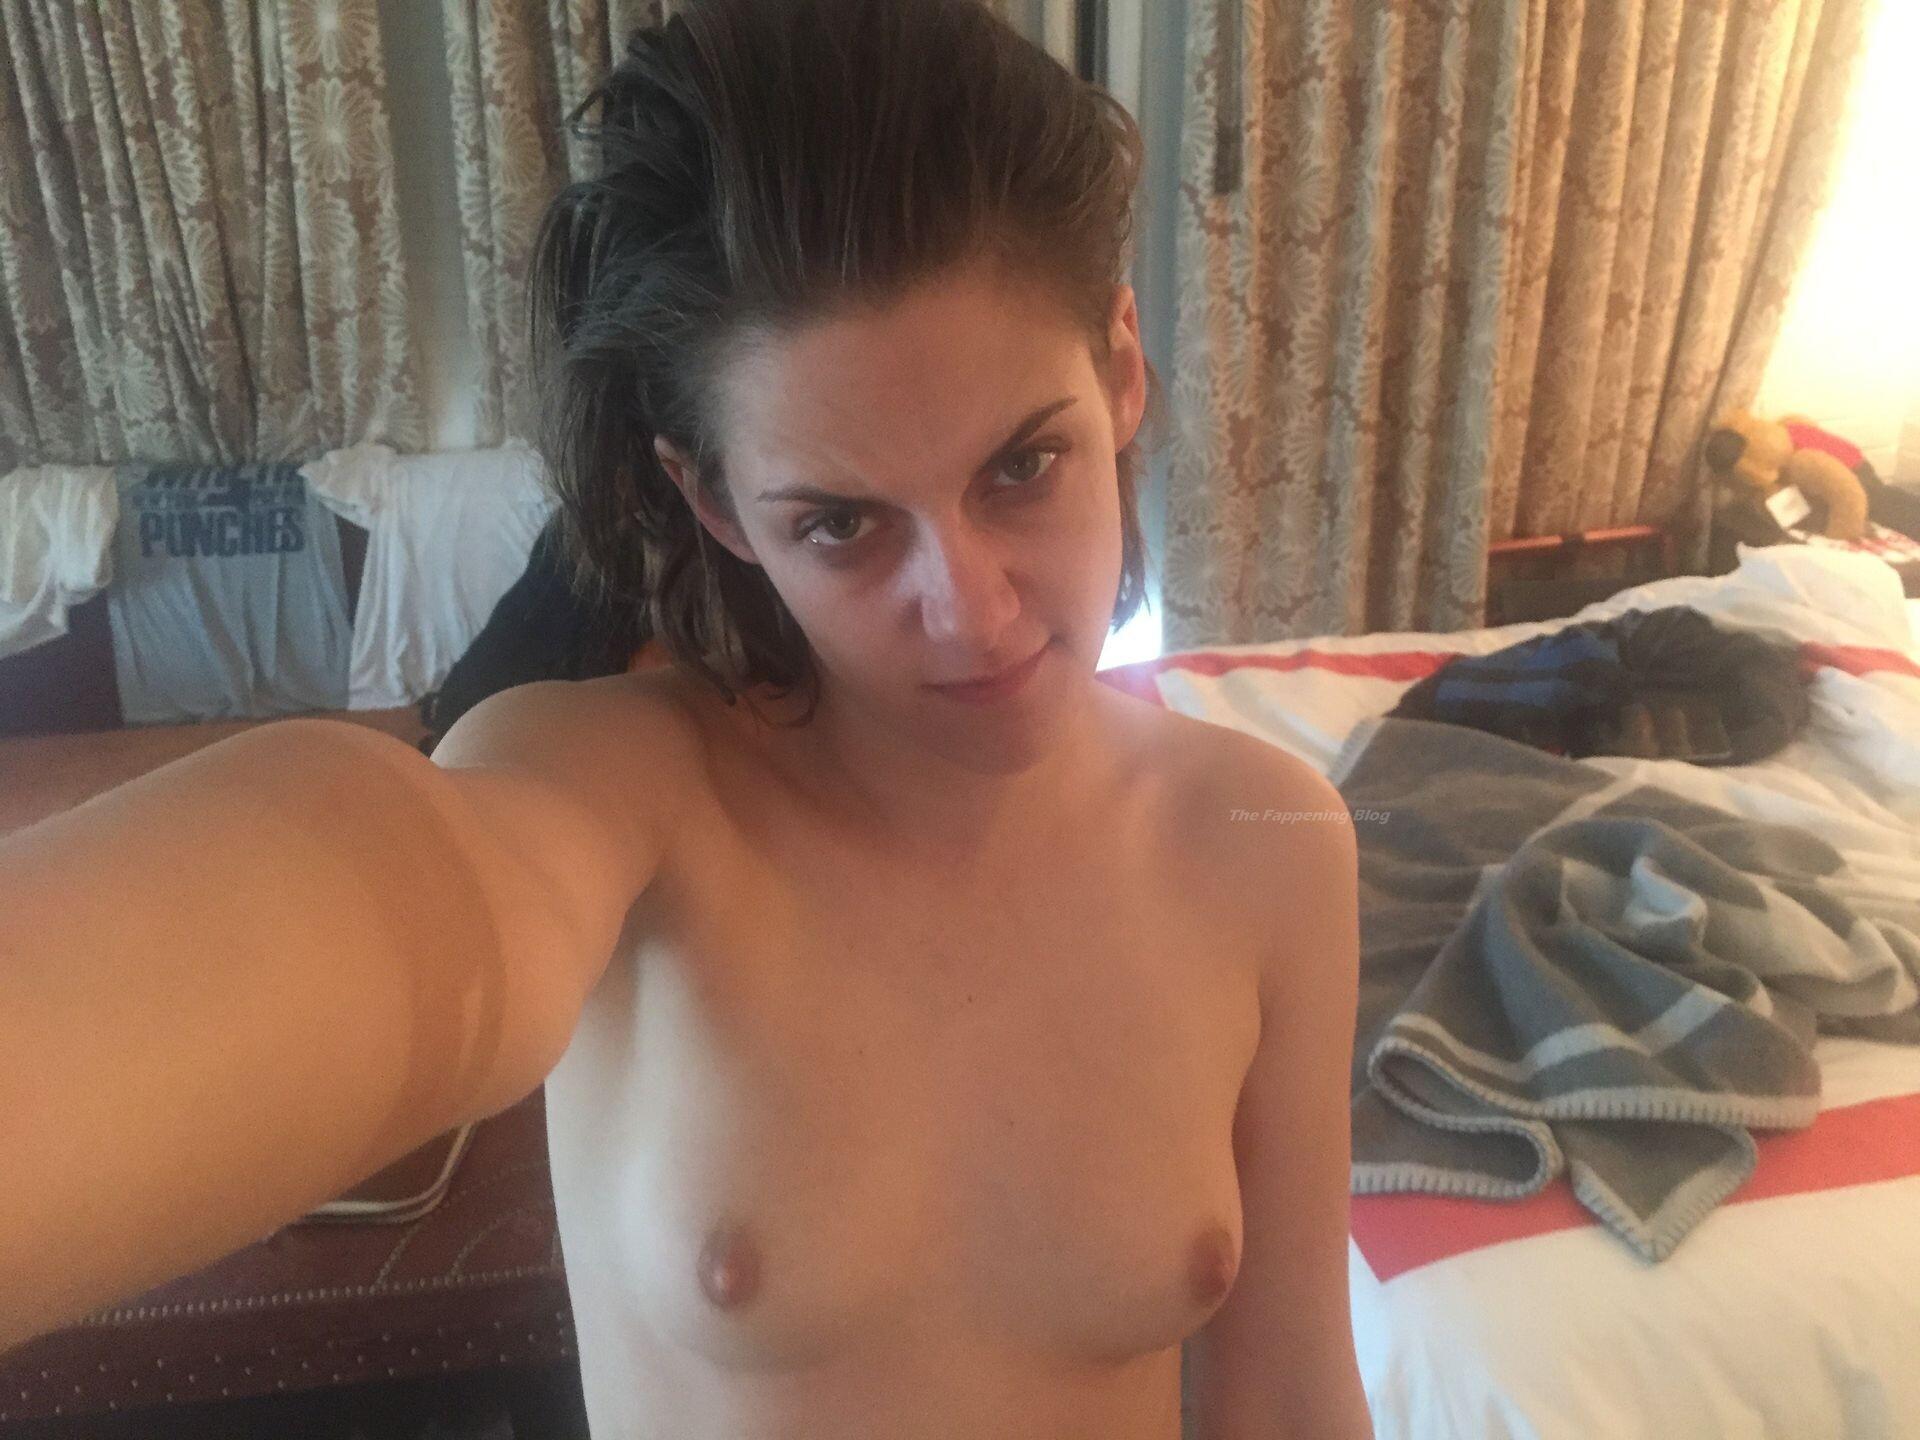 Kristen Stewart Nude Leaked 24 fappenings.com1